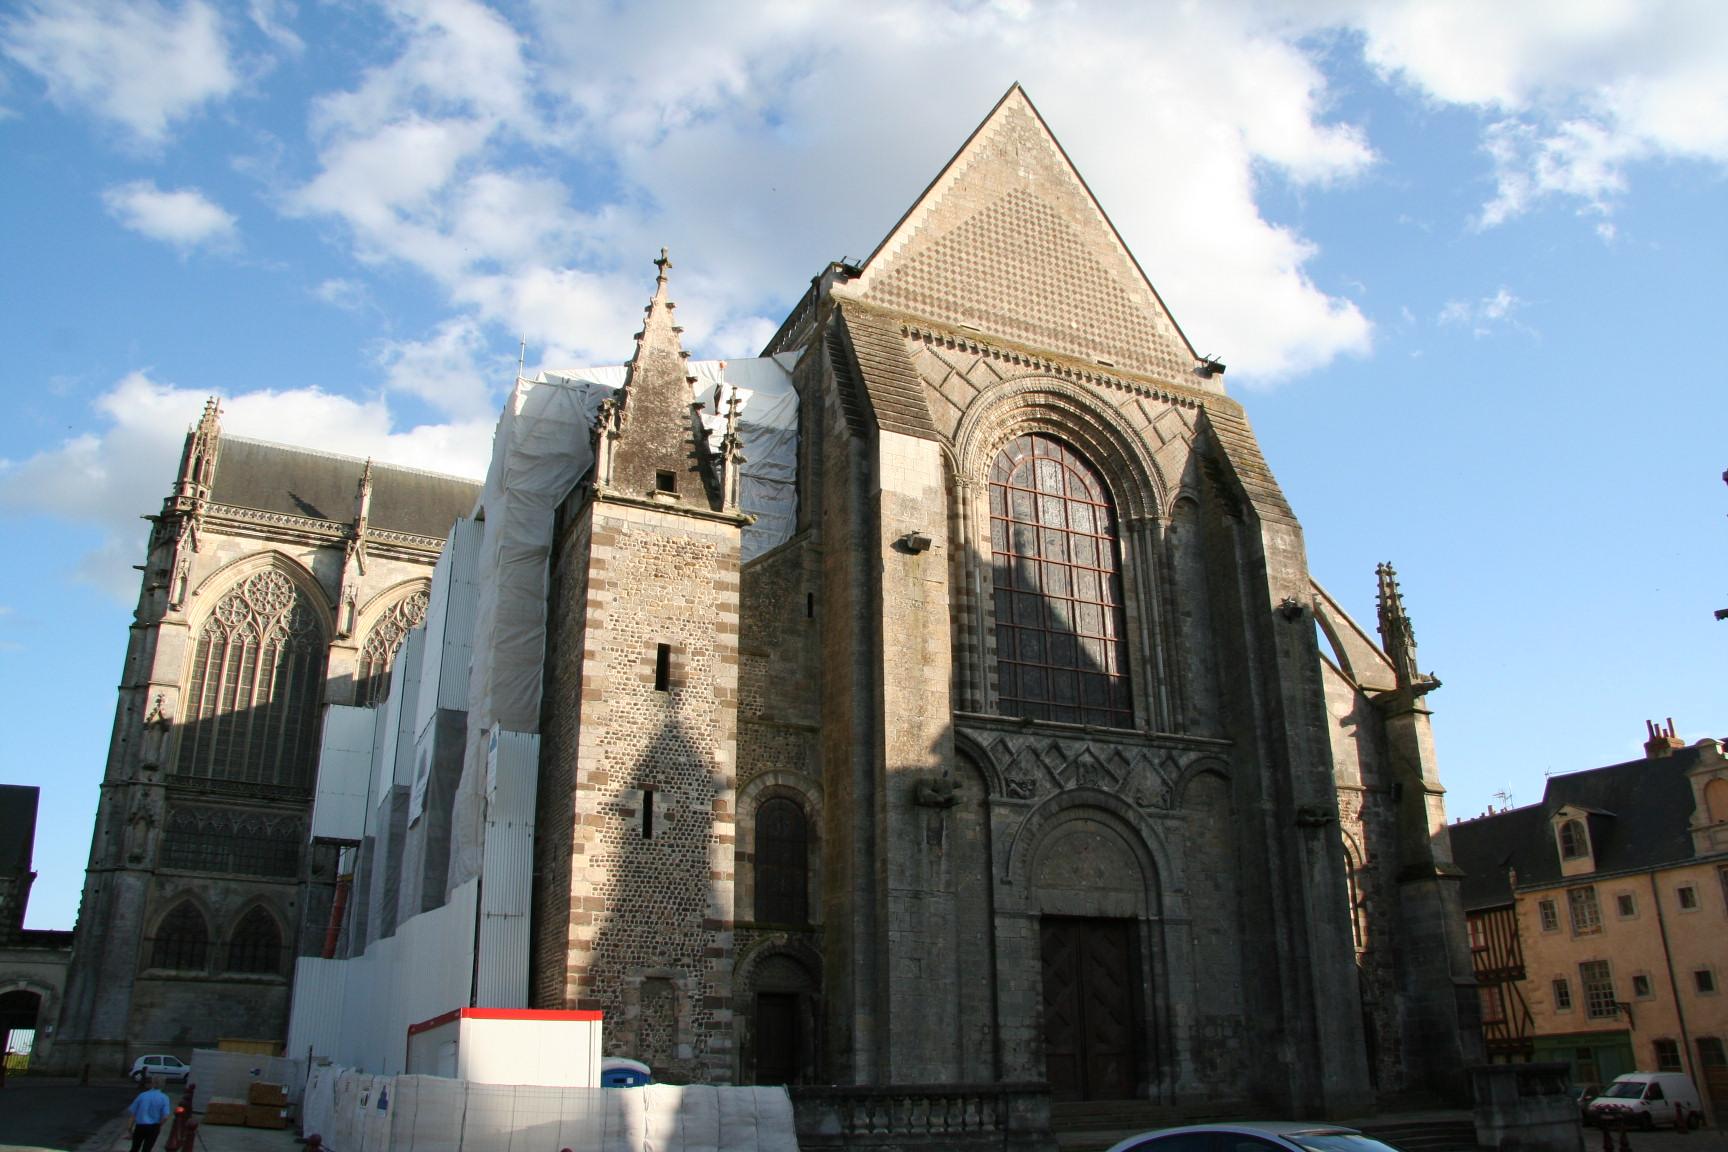 Le Mans en 2010 - Cathédrale Saint Julien 06